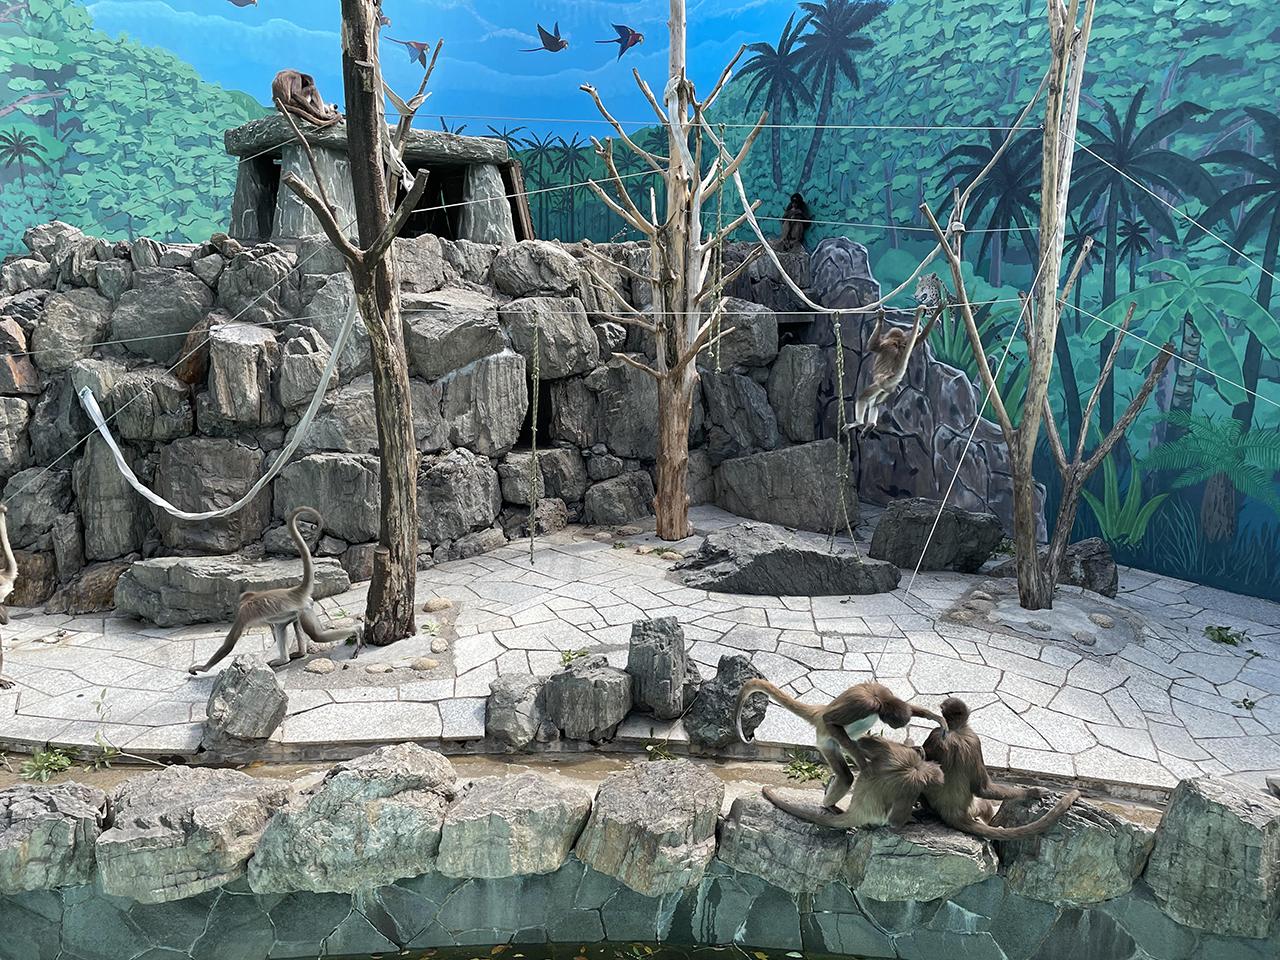 江戸川区自然動物園の投稿写真6